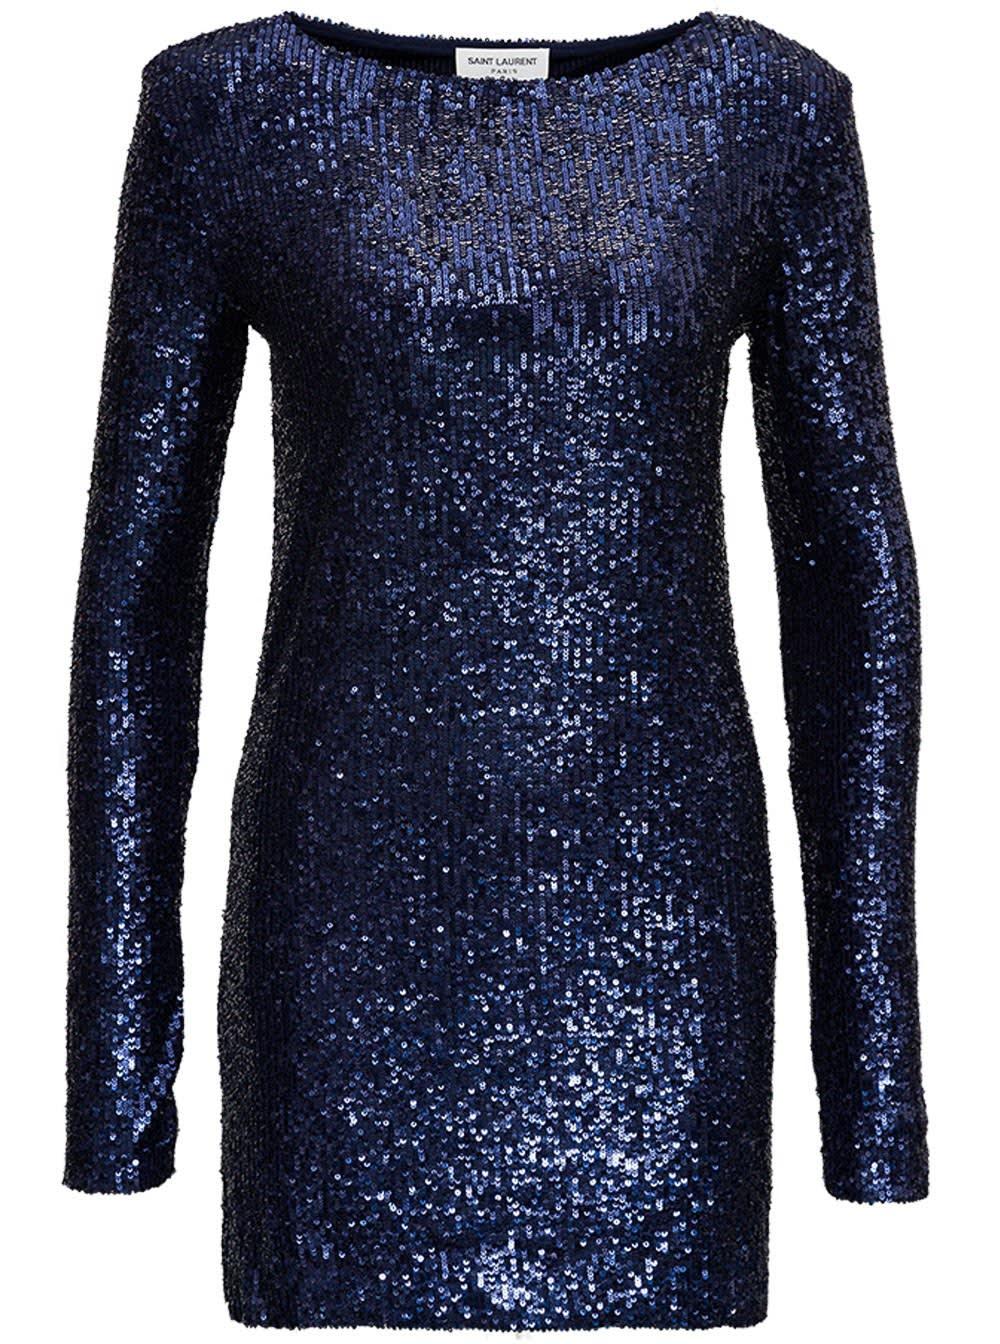 Saint Laurent Sequined Short Dress